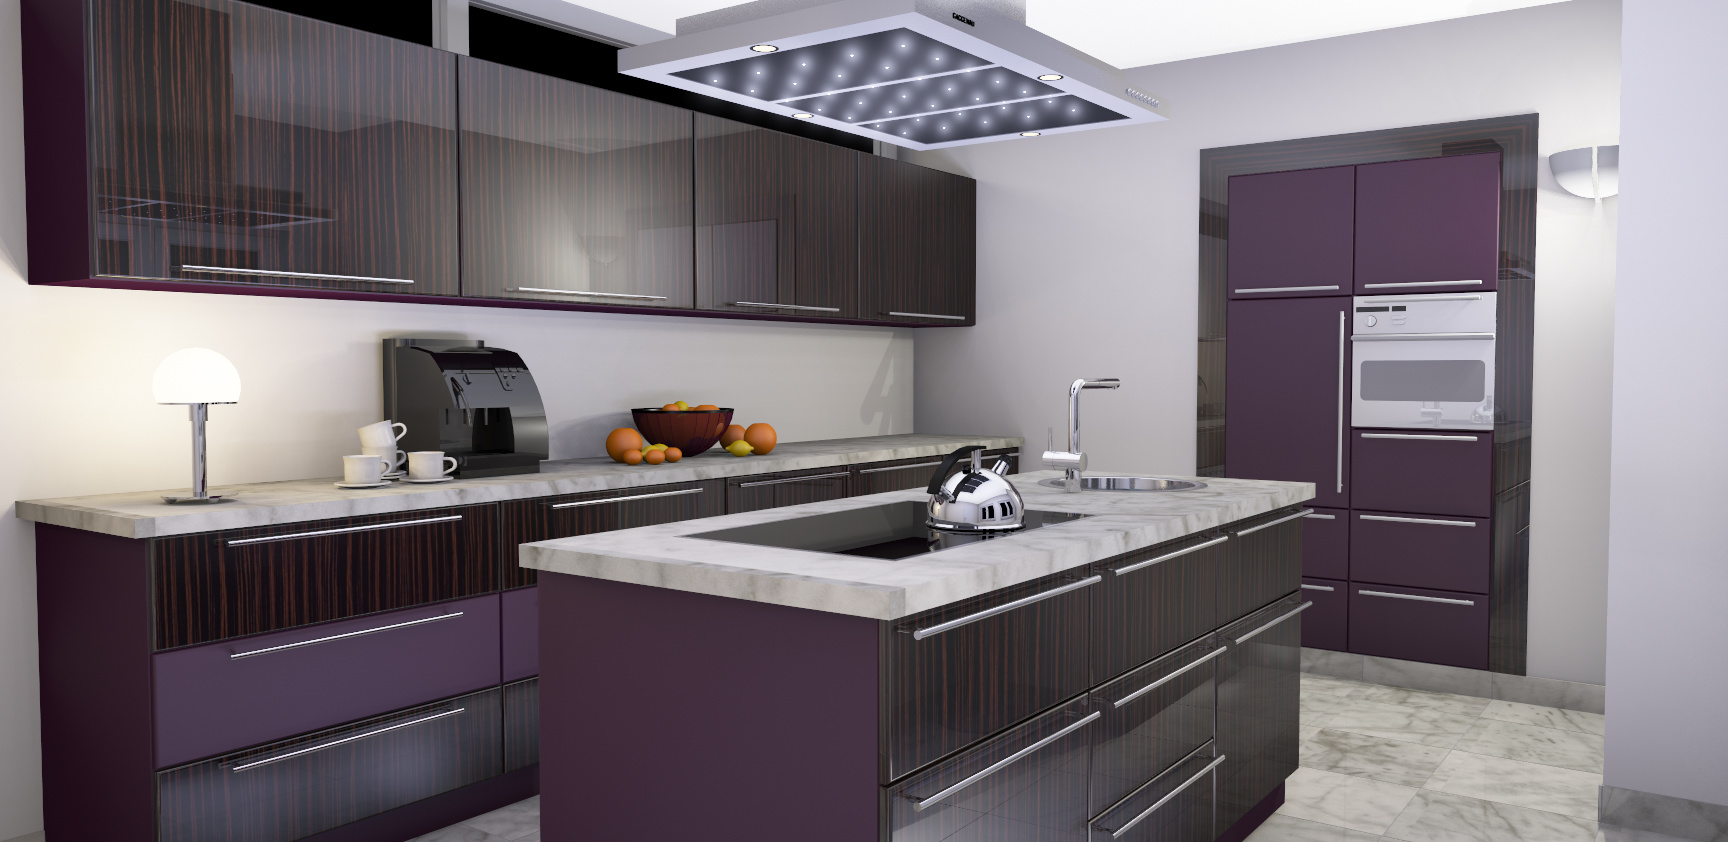 wir planen mit ihnen eine k che die ihren vorstellungen entspricht. Black Bedroom Furniture Sets. Home Design Ideas